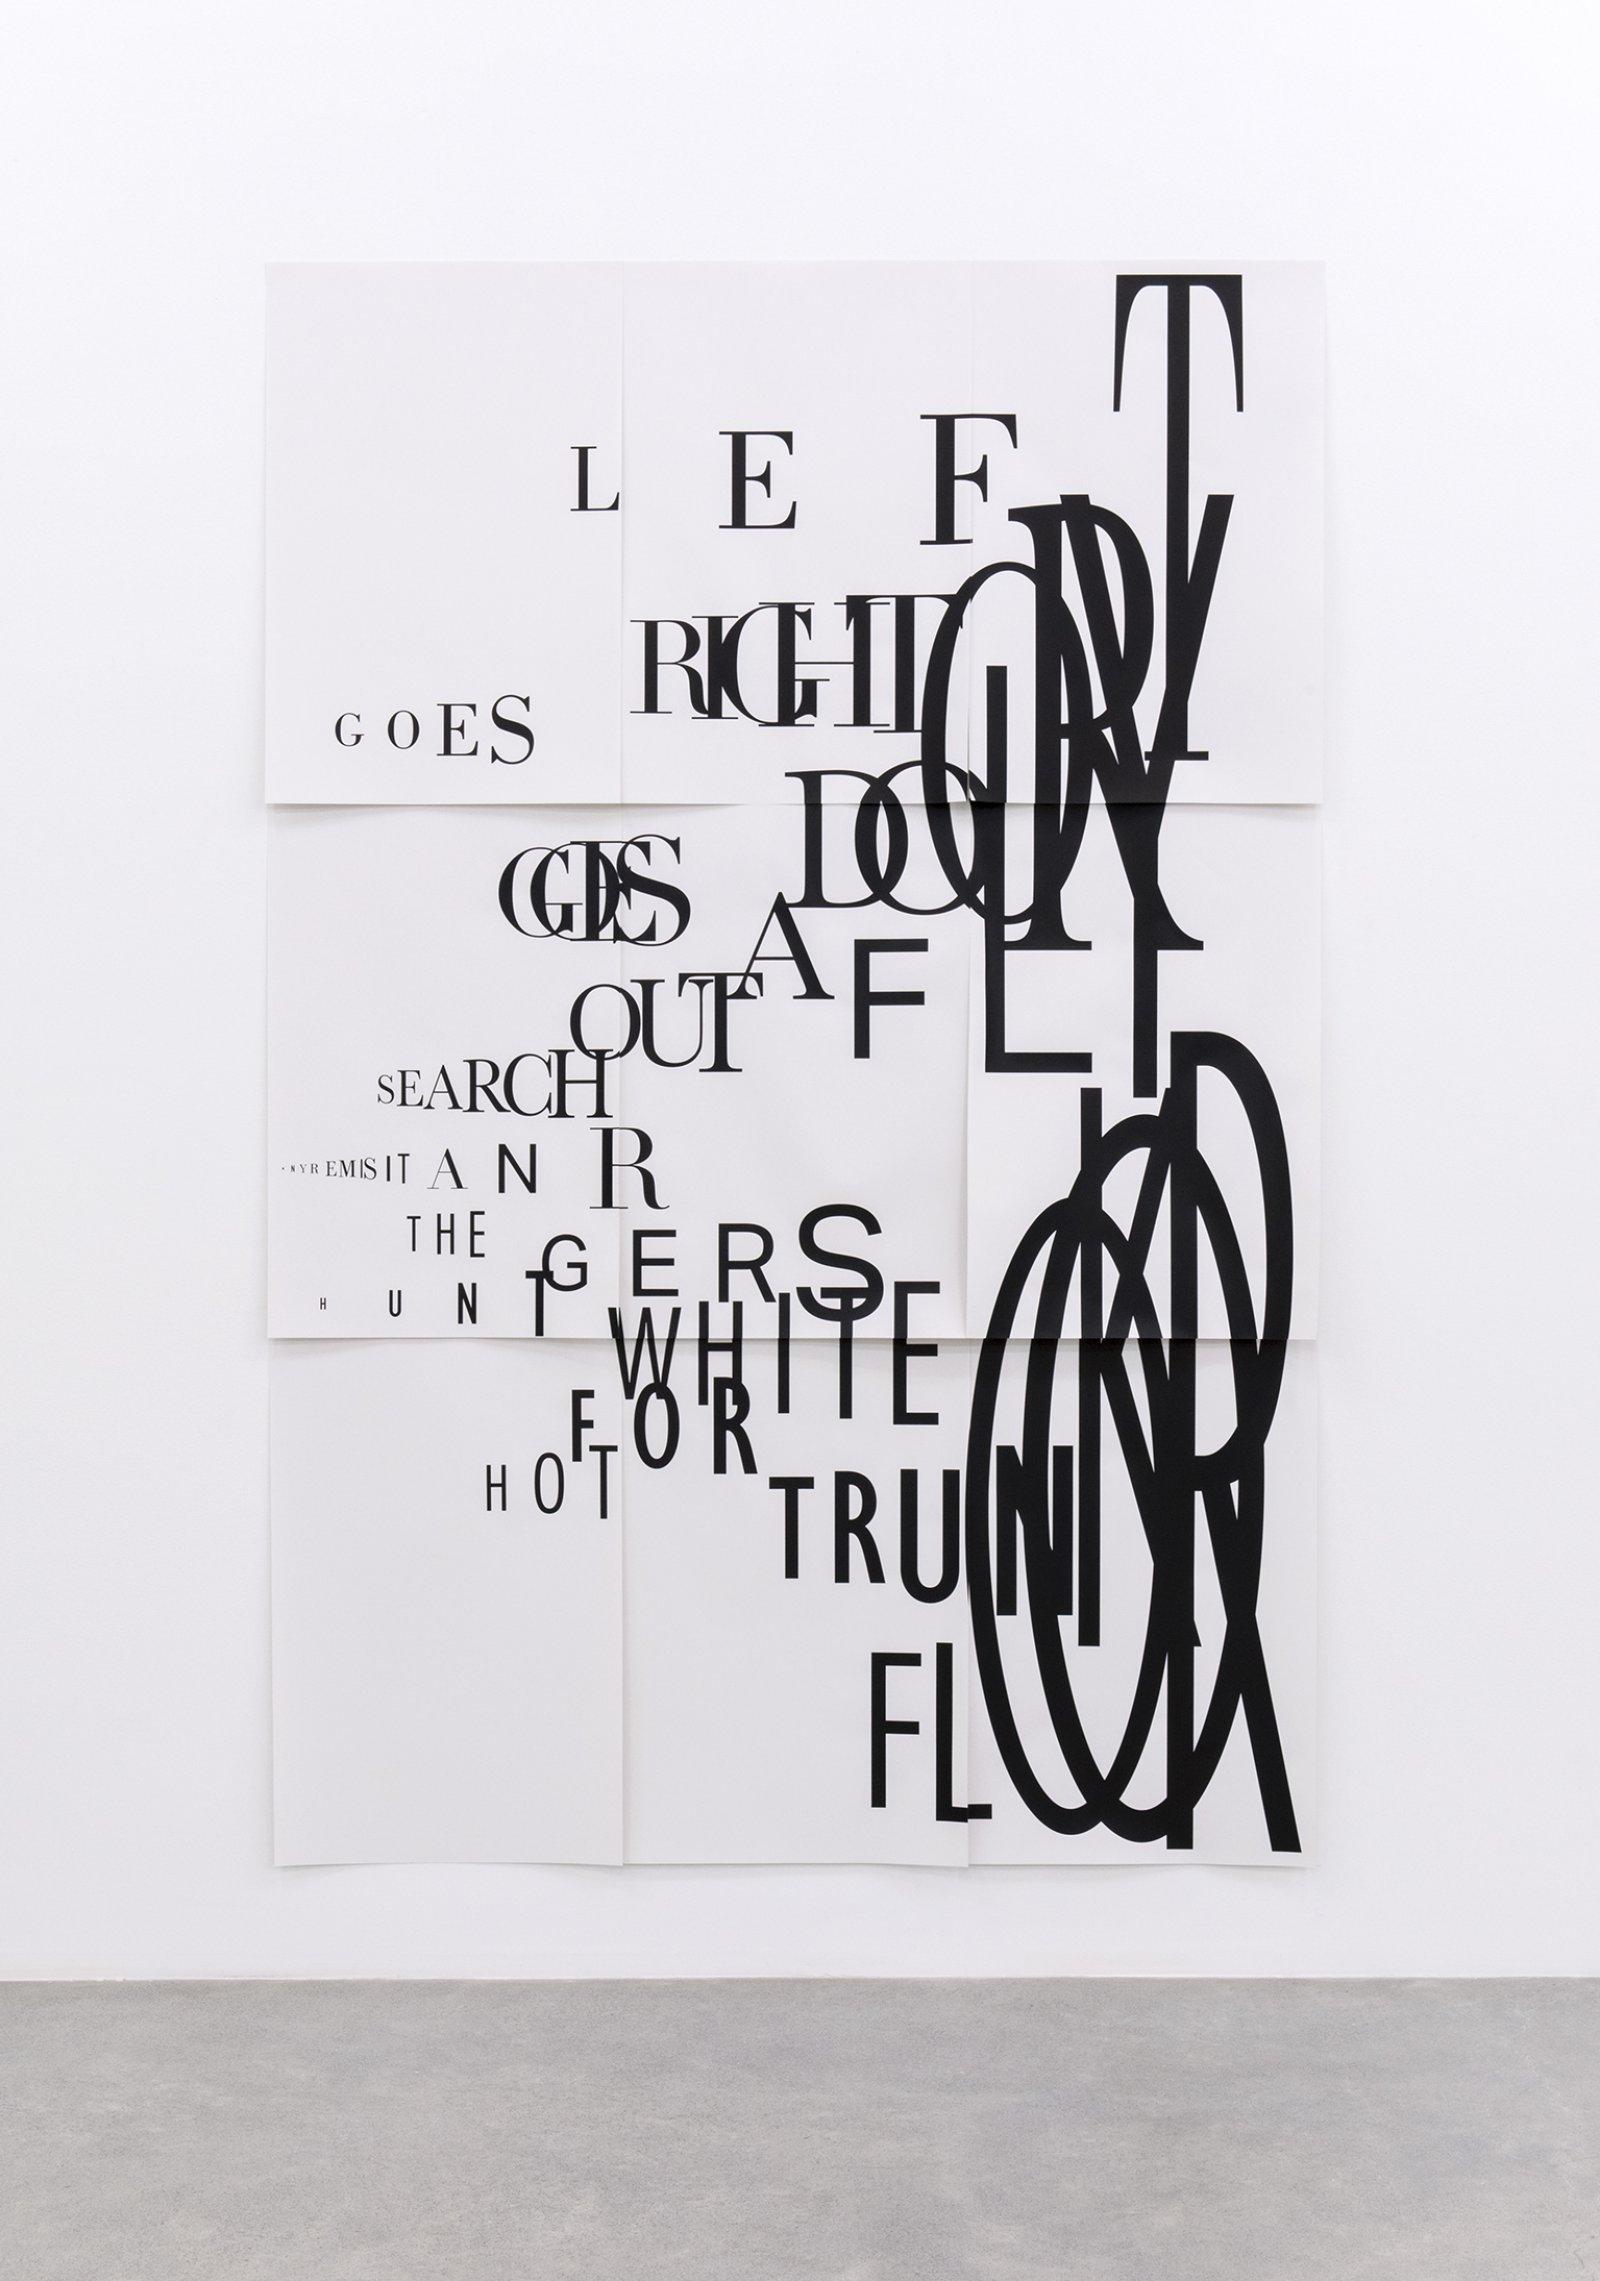 Janice Kerbel, Score, 'Blast', 2015, 9 silkscreen prints on paper, composition: 98 x 65 in. (250 x 167 cm), each sheet: 22 x 33 in. (56 x 84 cm)   by Janice Kerbel